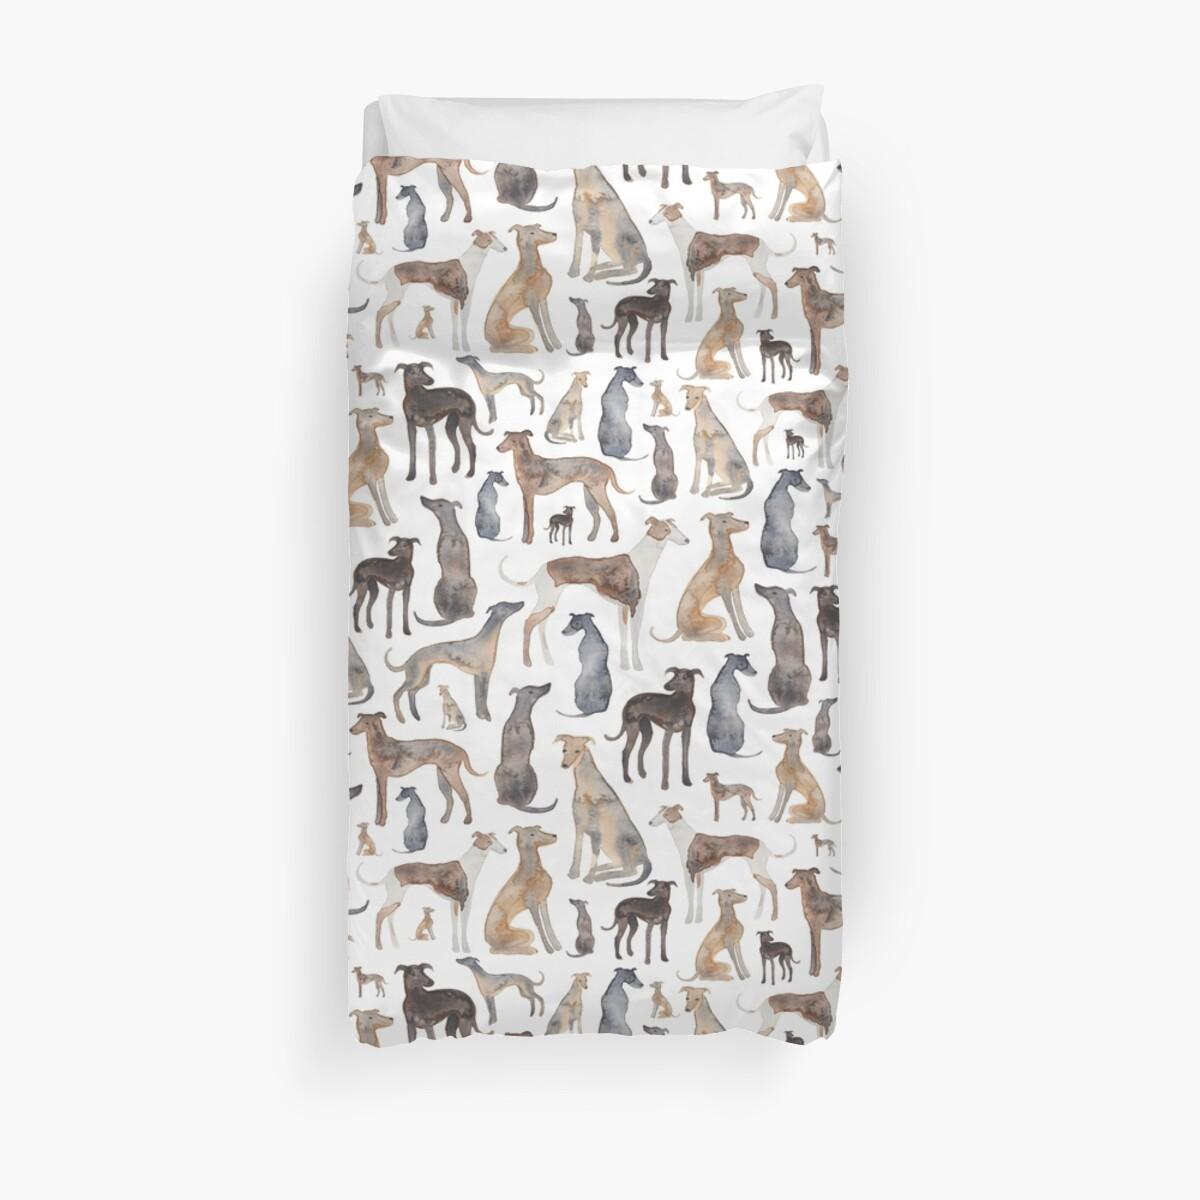 Windhunde, Wippets und Lurcher Hunde! von Elena  O'Neill